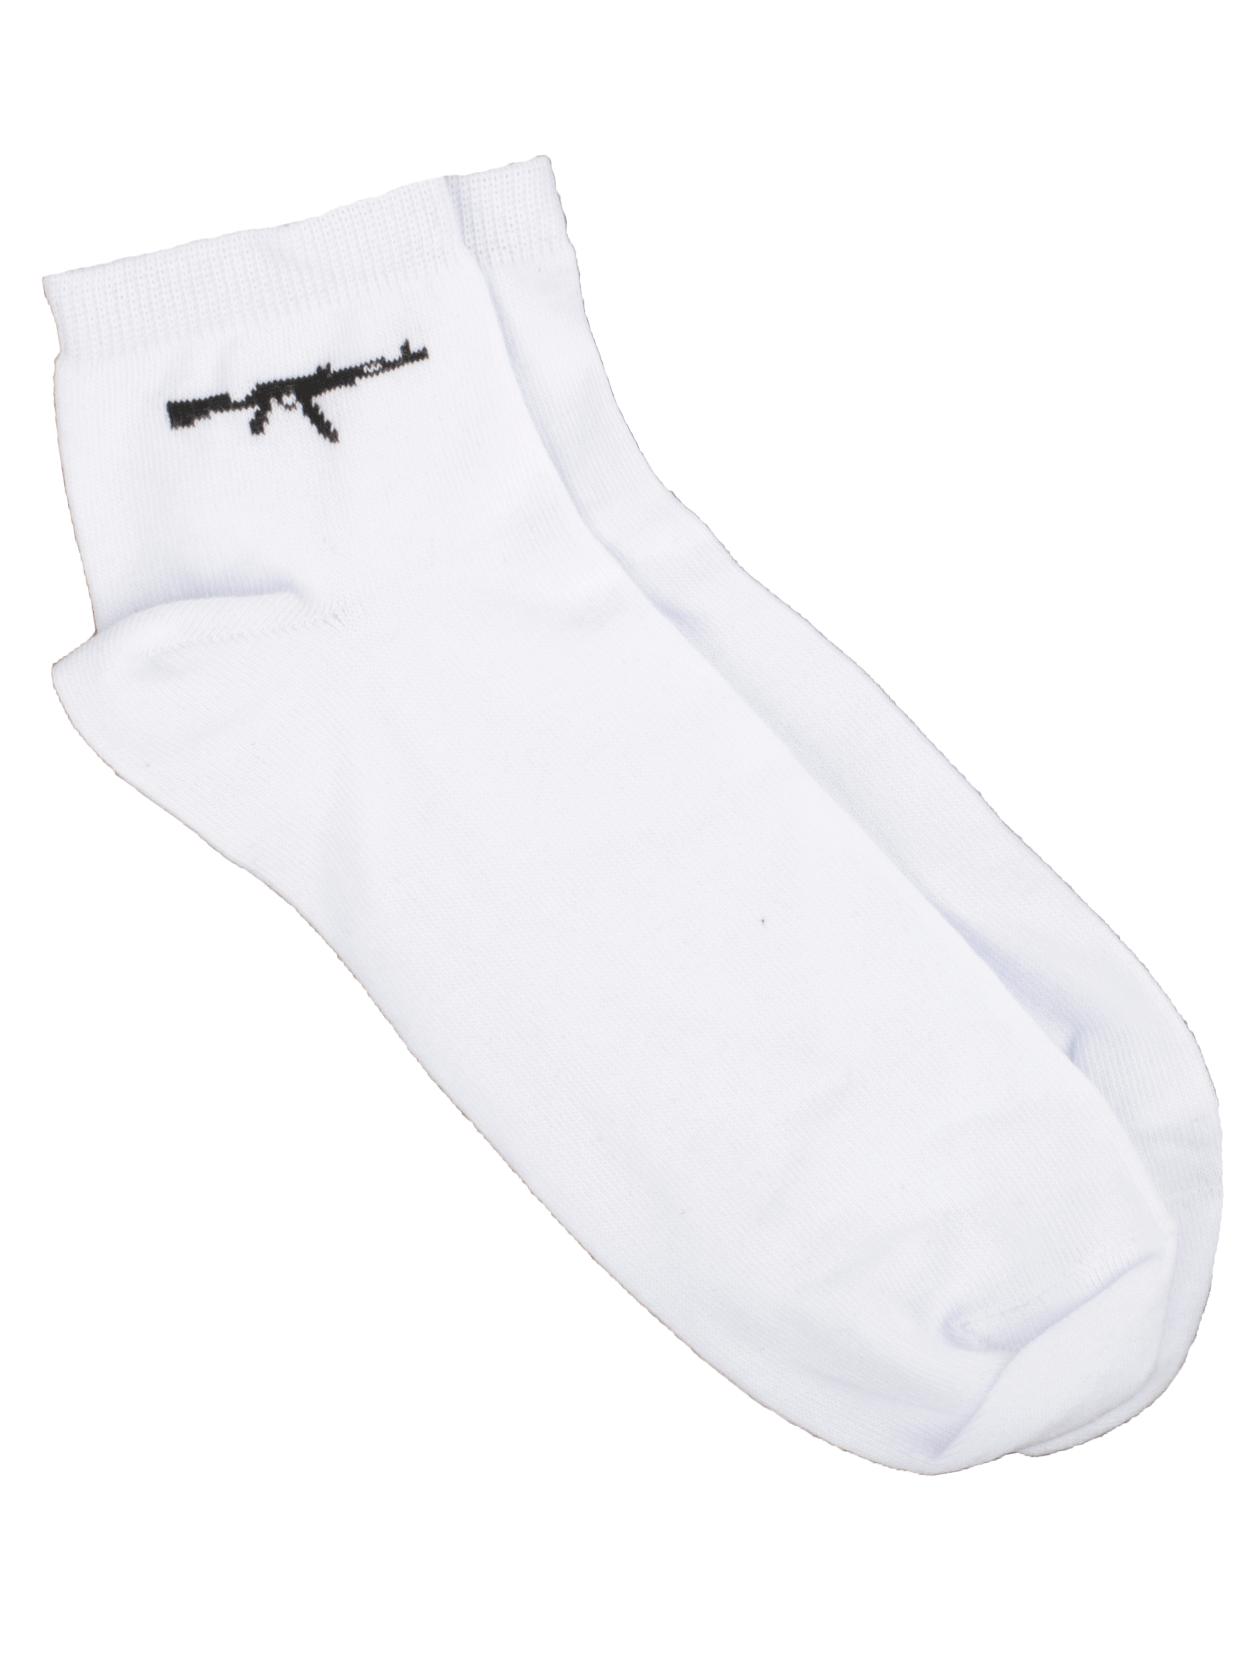 Unisex Socks GUN, White